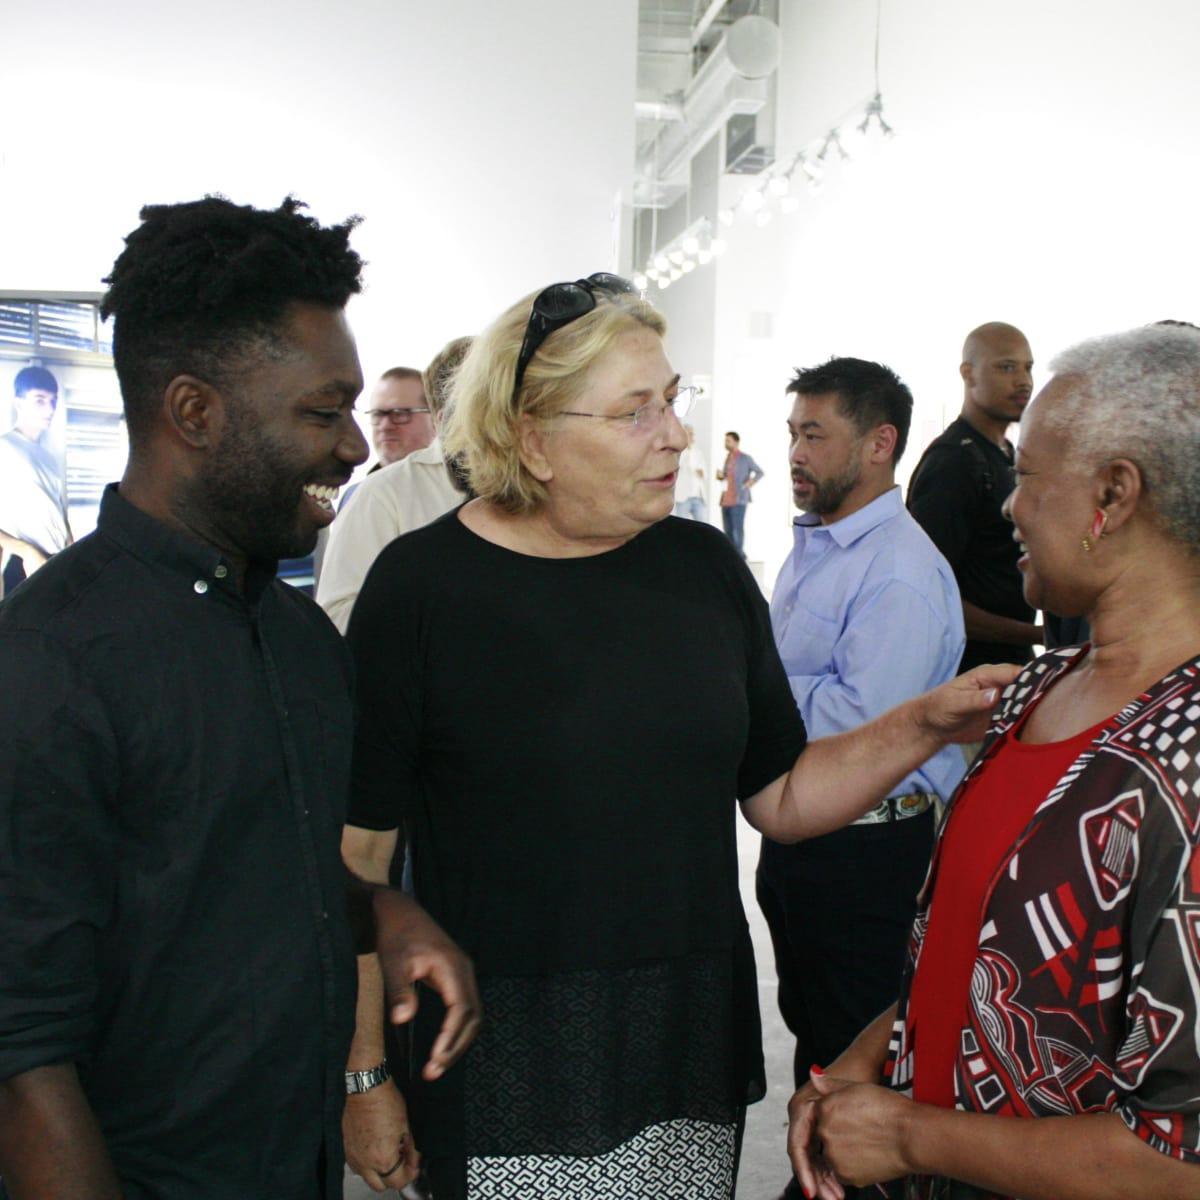 FotoFest Opening Paul Mpagi Sepuya Elaine Thweatt and Paul's mother